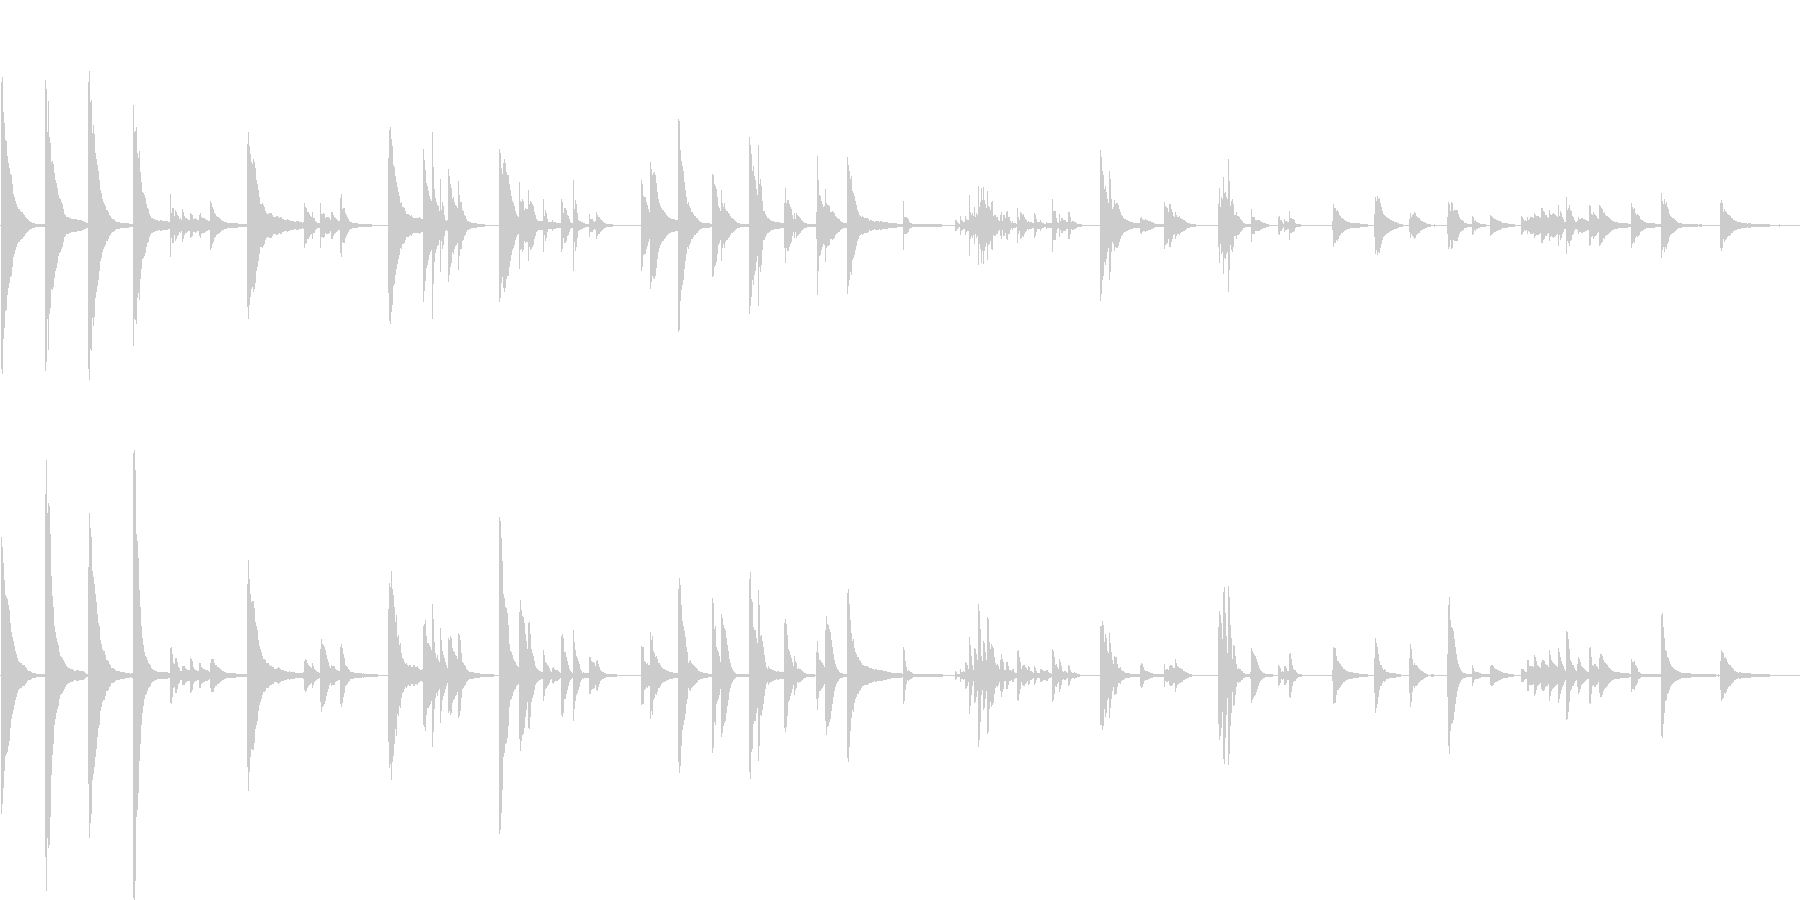 ピアノの柔らかい音色のバラードの未再生の波形